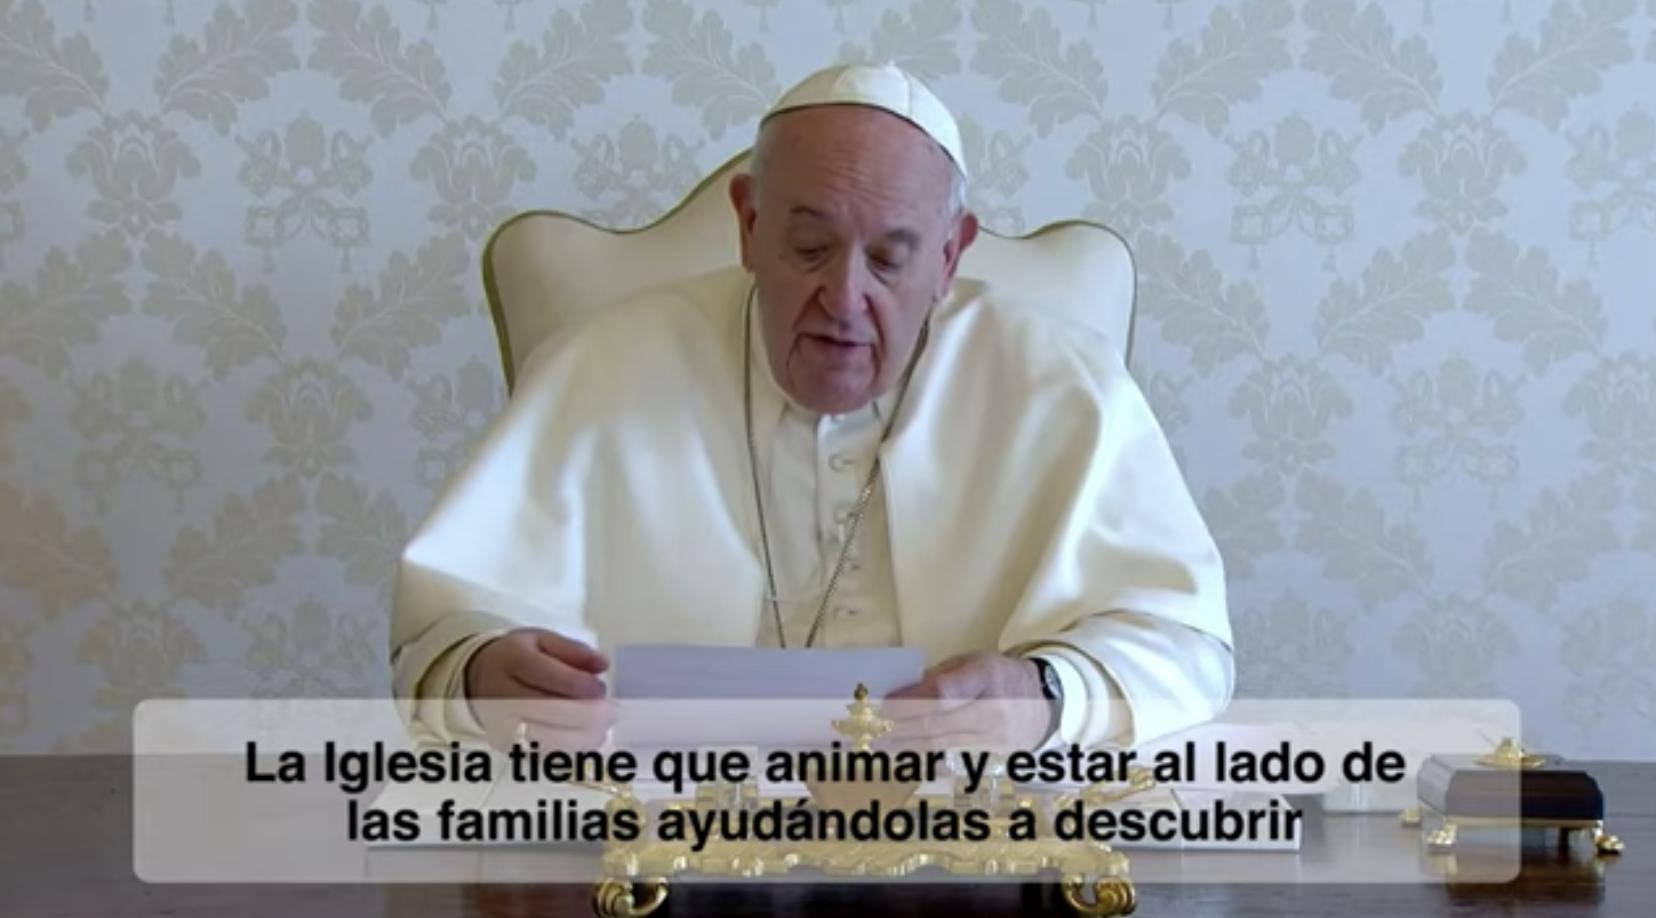 El video del Papa. Nuestras familias. Julio 2020